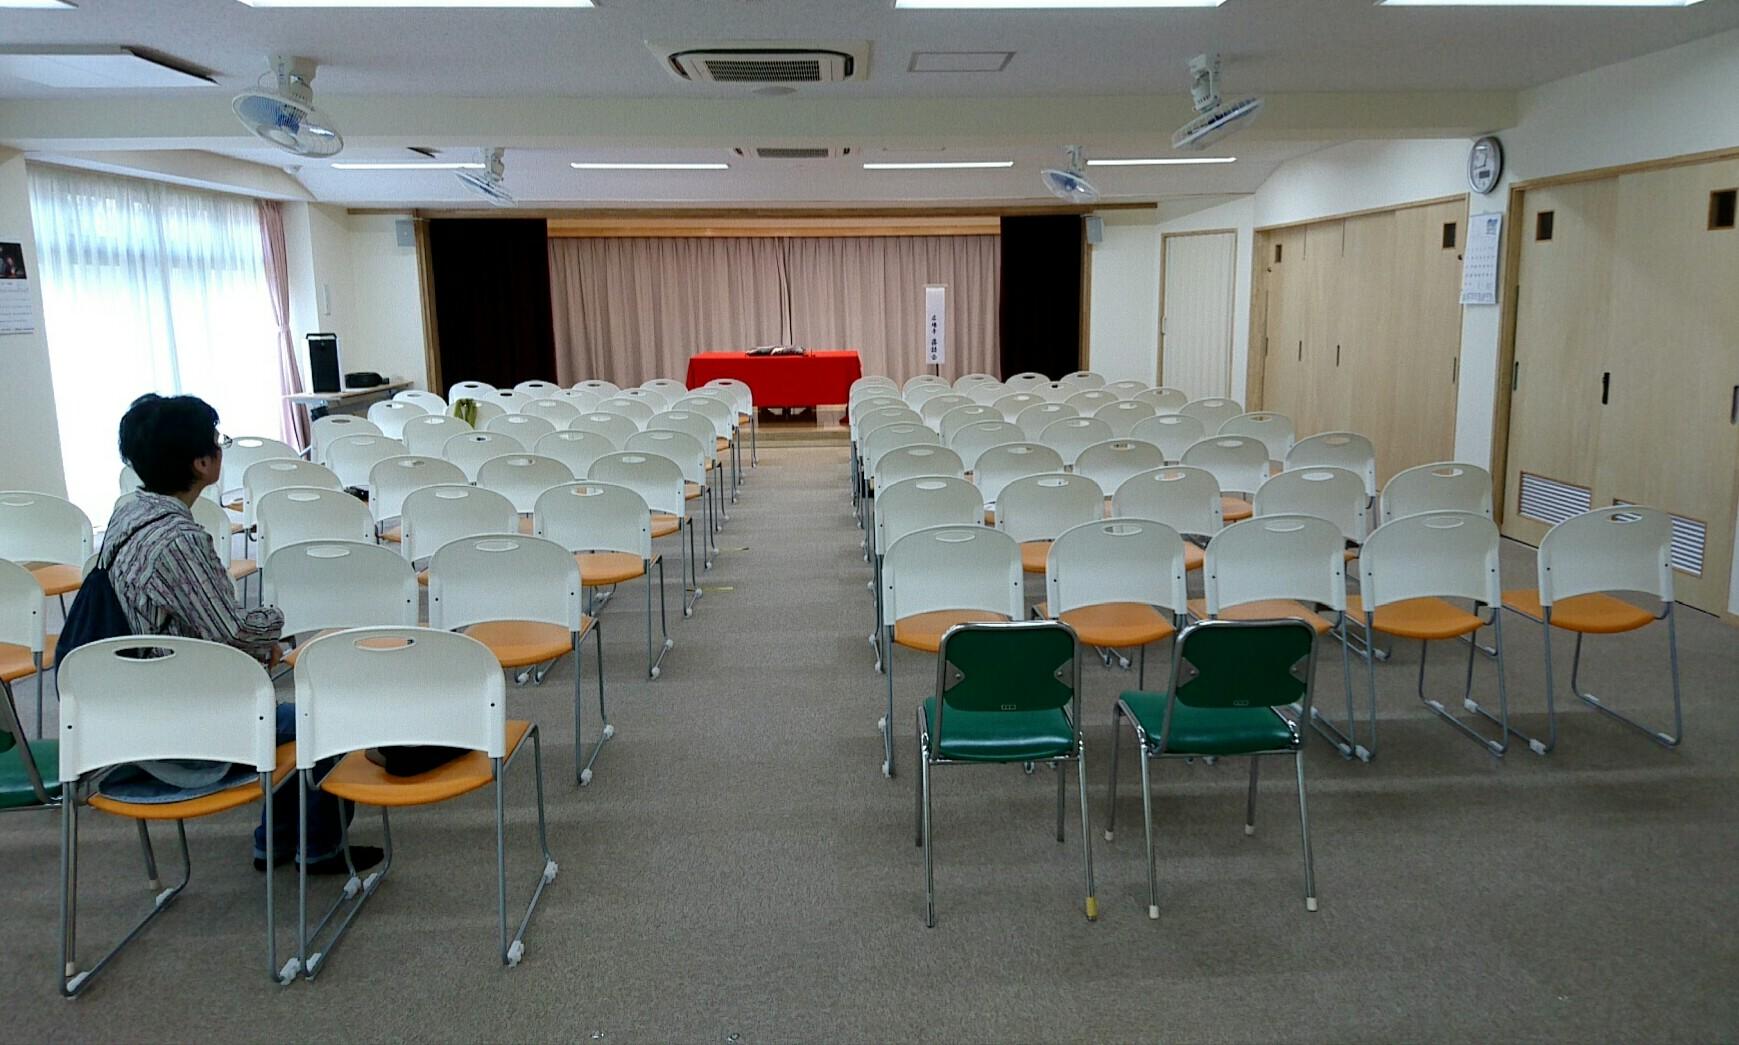 広場亭落語会の会場